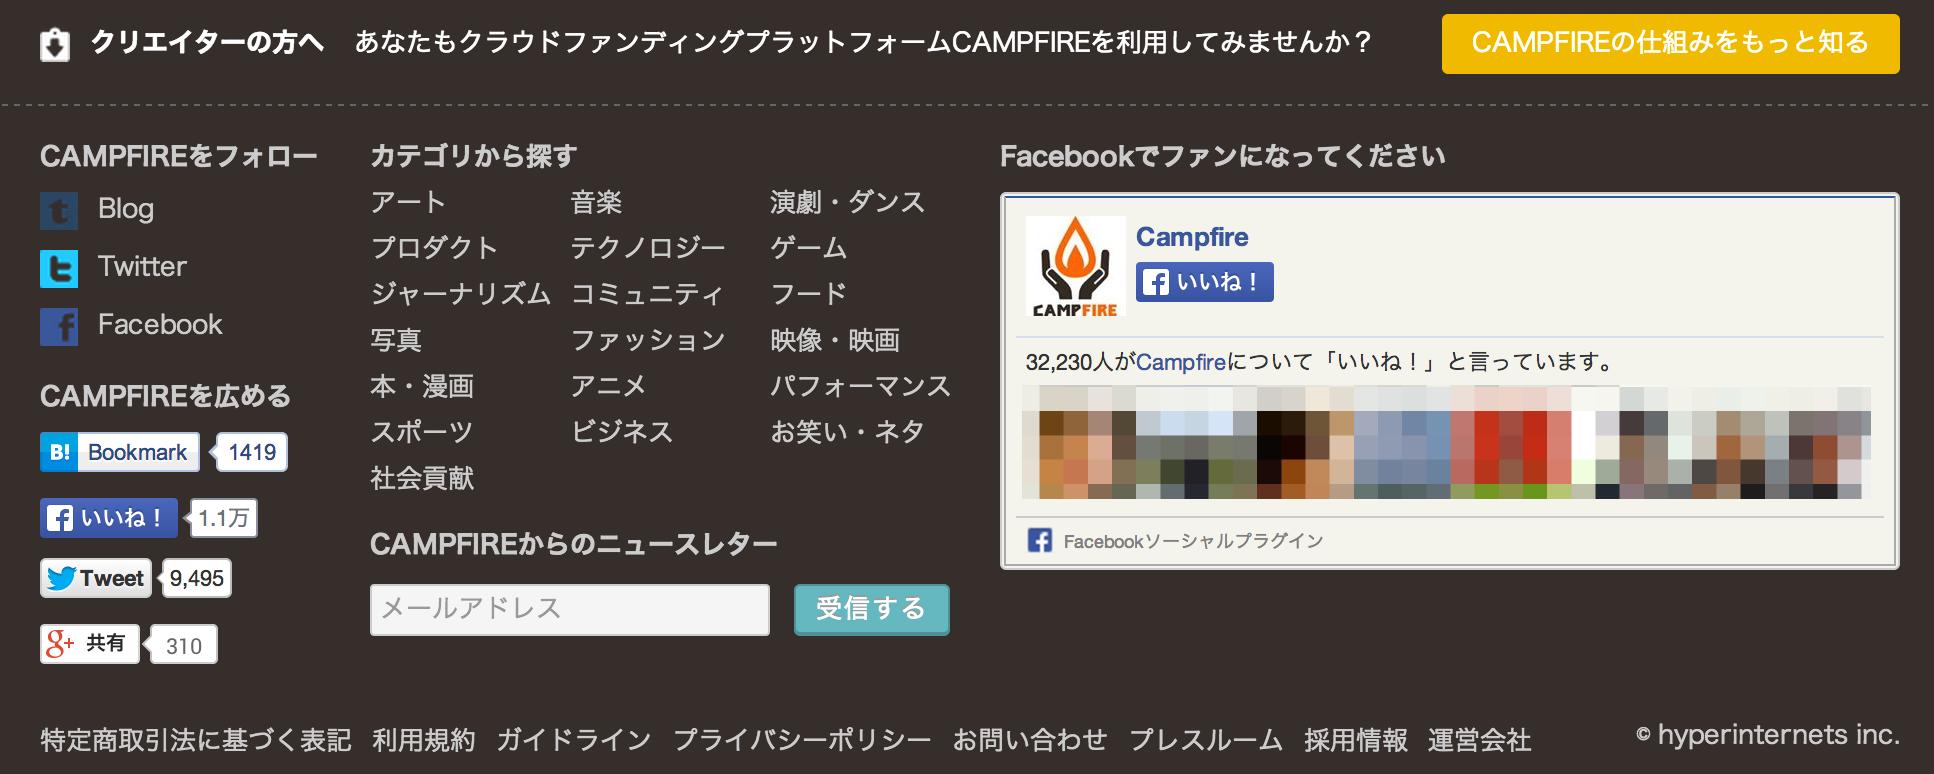 CAMPFIRE(キャンプファイヤー)-_クラウドファンディング-2